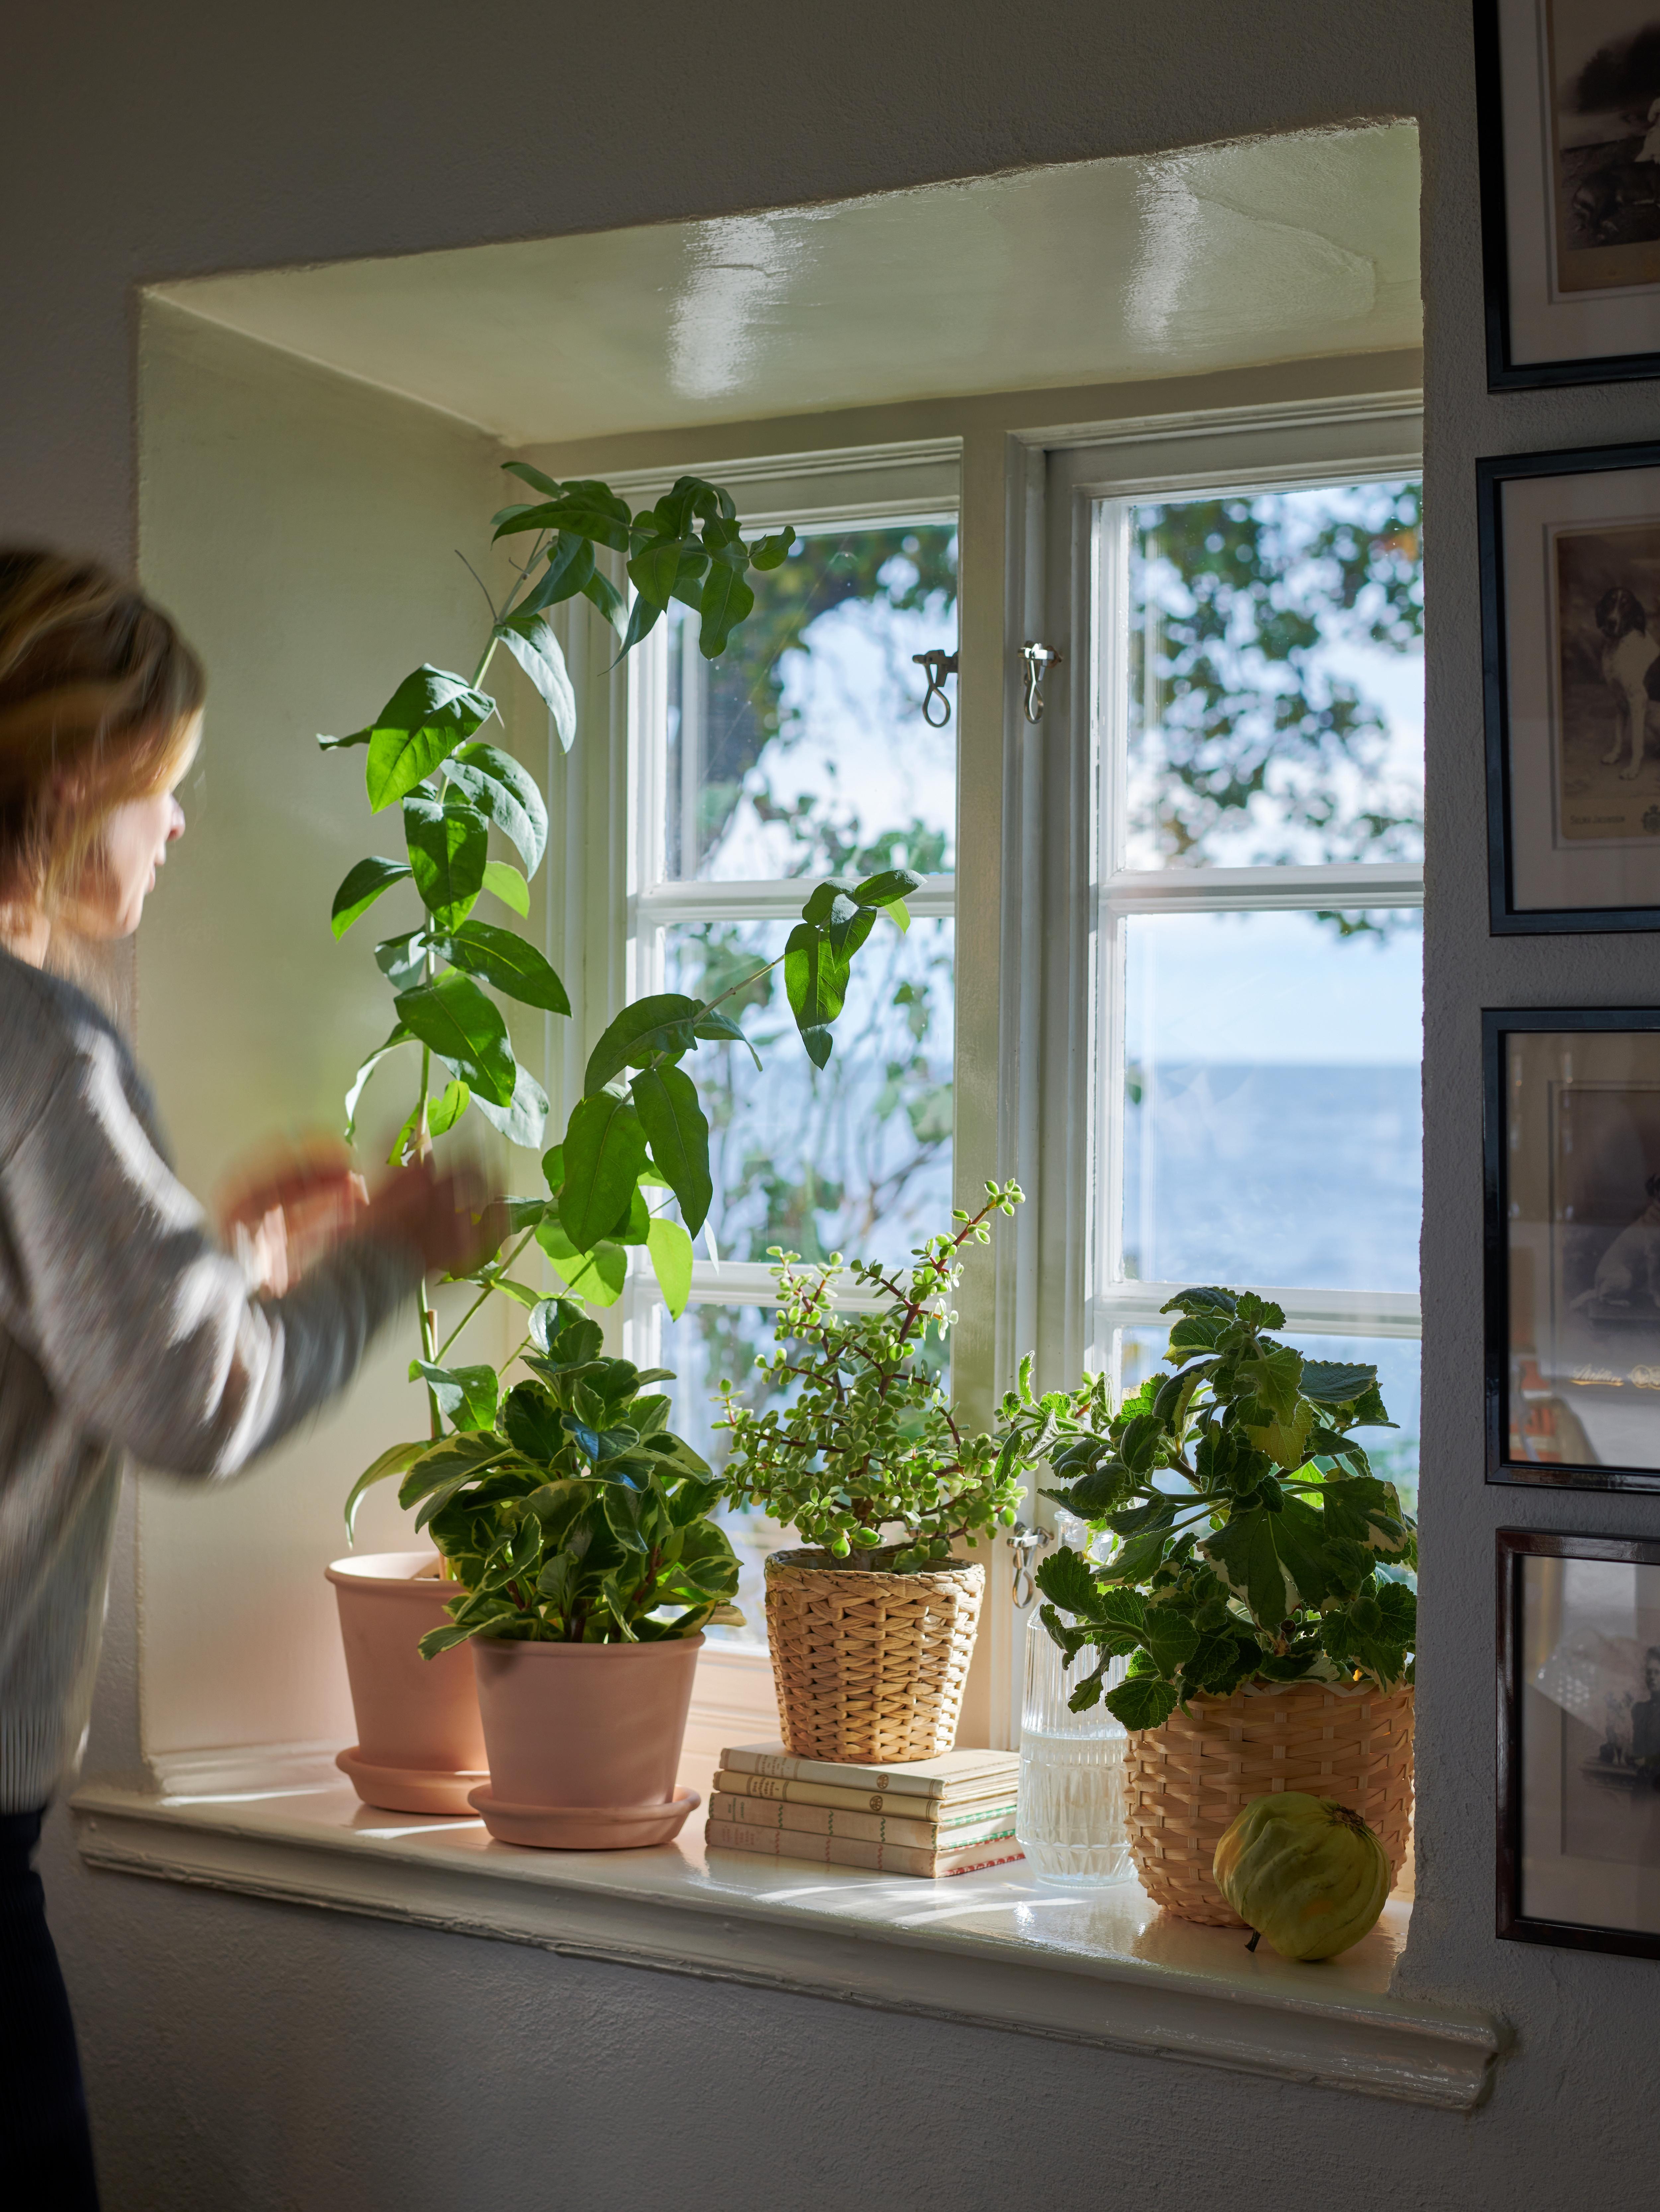 En kvinne pleier å plante, noen satt i MUSKOTBLOMMA plantekrukker, plassert på den solopplyste terskelen i et vindu med utsikt over havet.